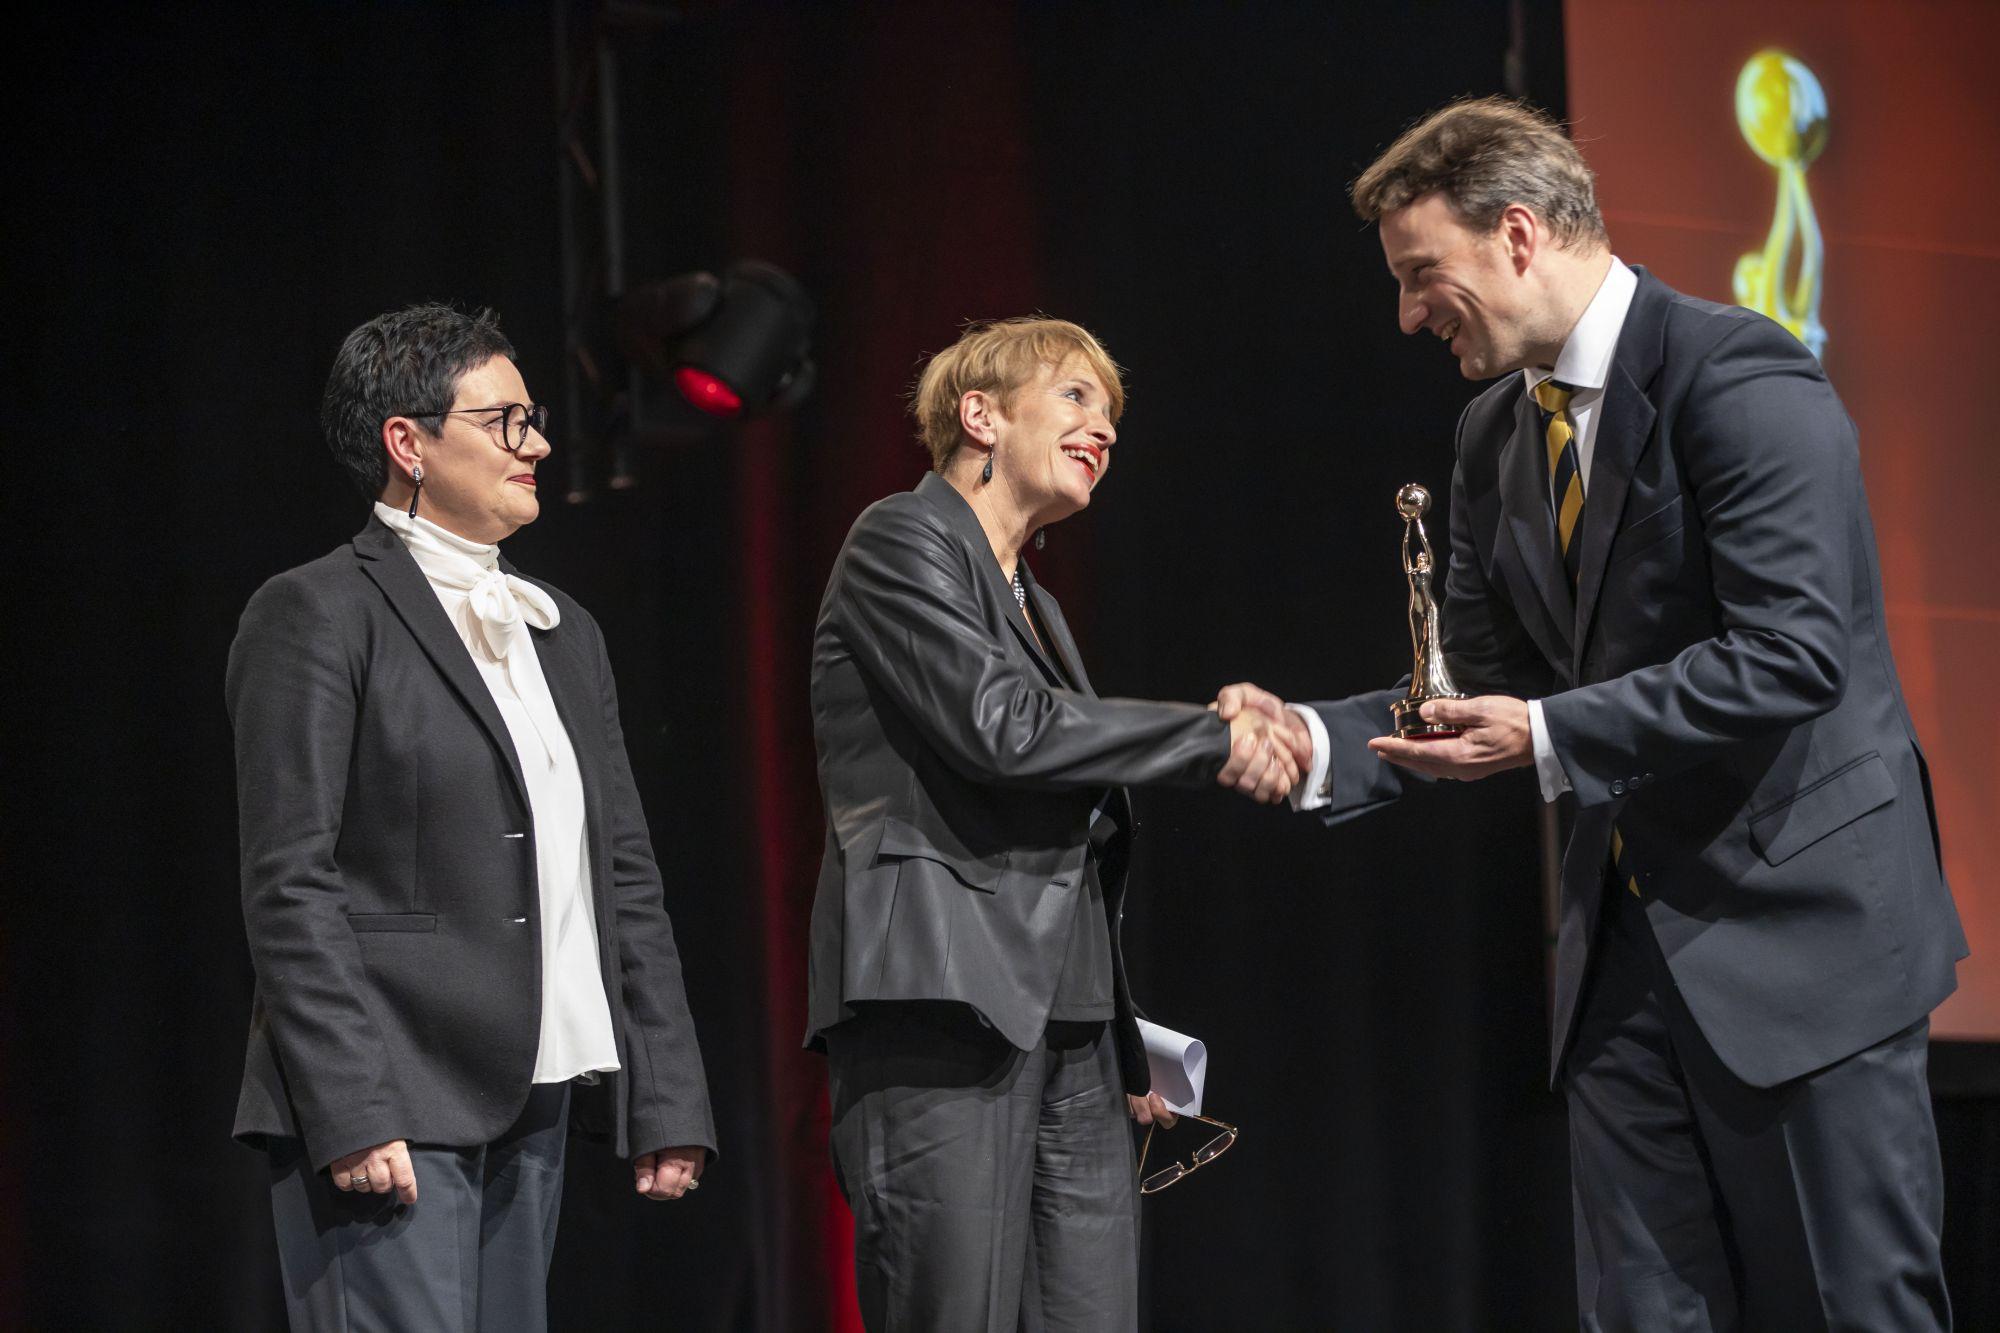 Brigitte Faber-Schmidt (Geschäftsführerin Kulturland Brandenburg), Dr. Martina Münch (Kulturministerin Brandenburg), Dr. Hagen W. Lippe-Weißenfeld (Vorstand Kulturpolitische Gesellschaft und Jury-Präsident Europäischer Kulturmarken-Award), Copyright: Hans-Conrad Walter